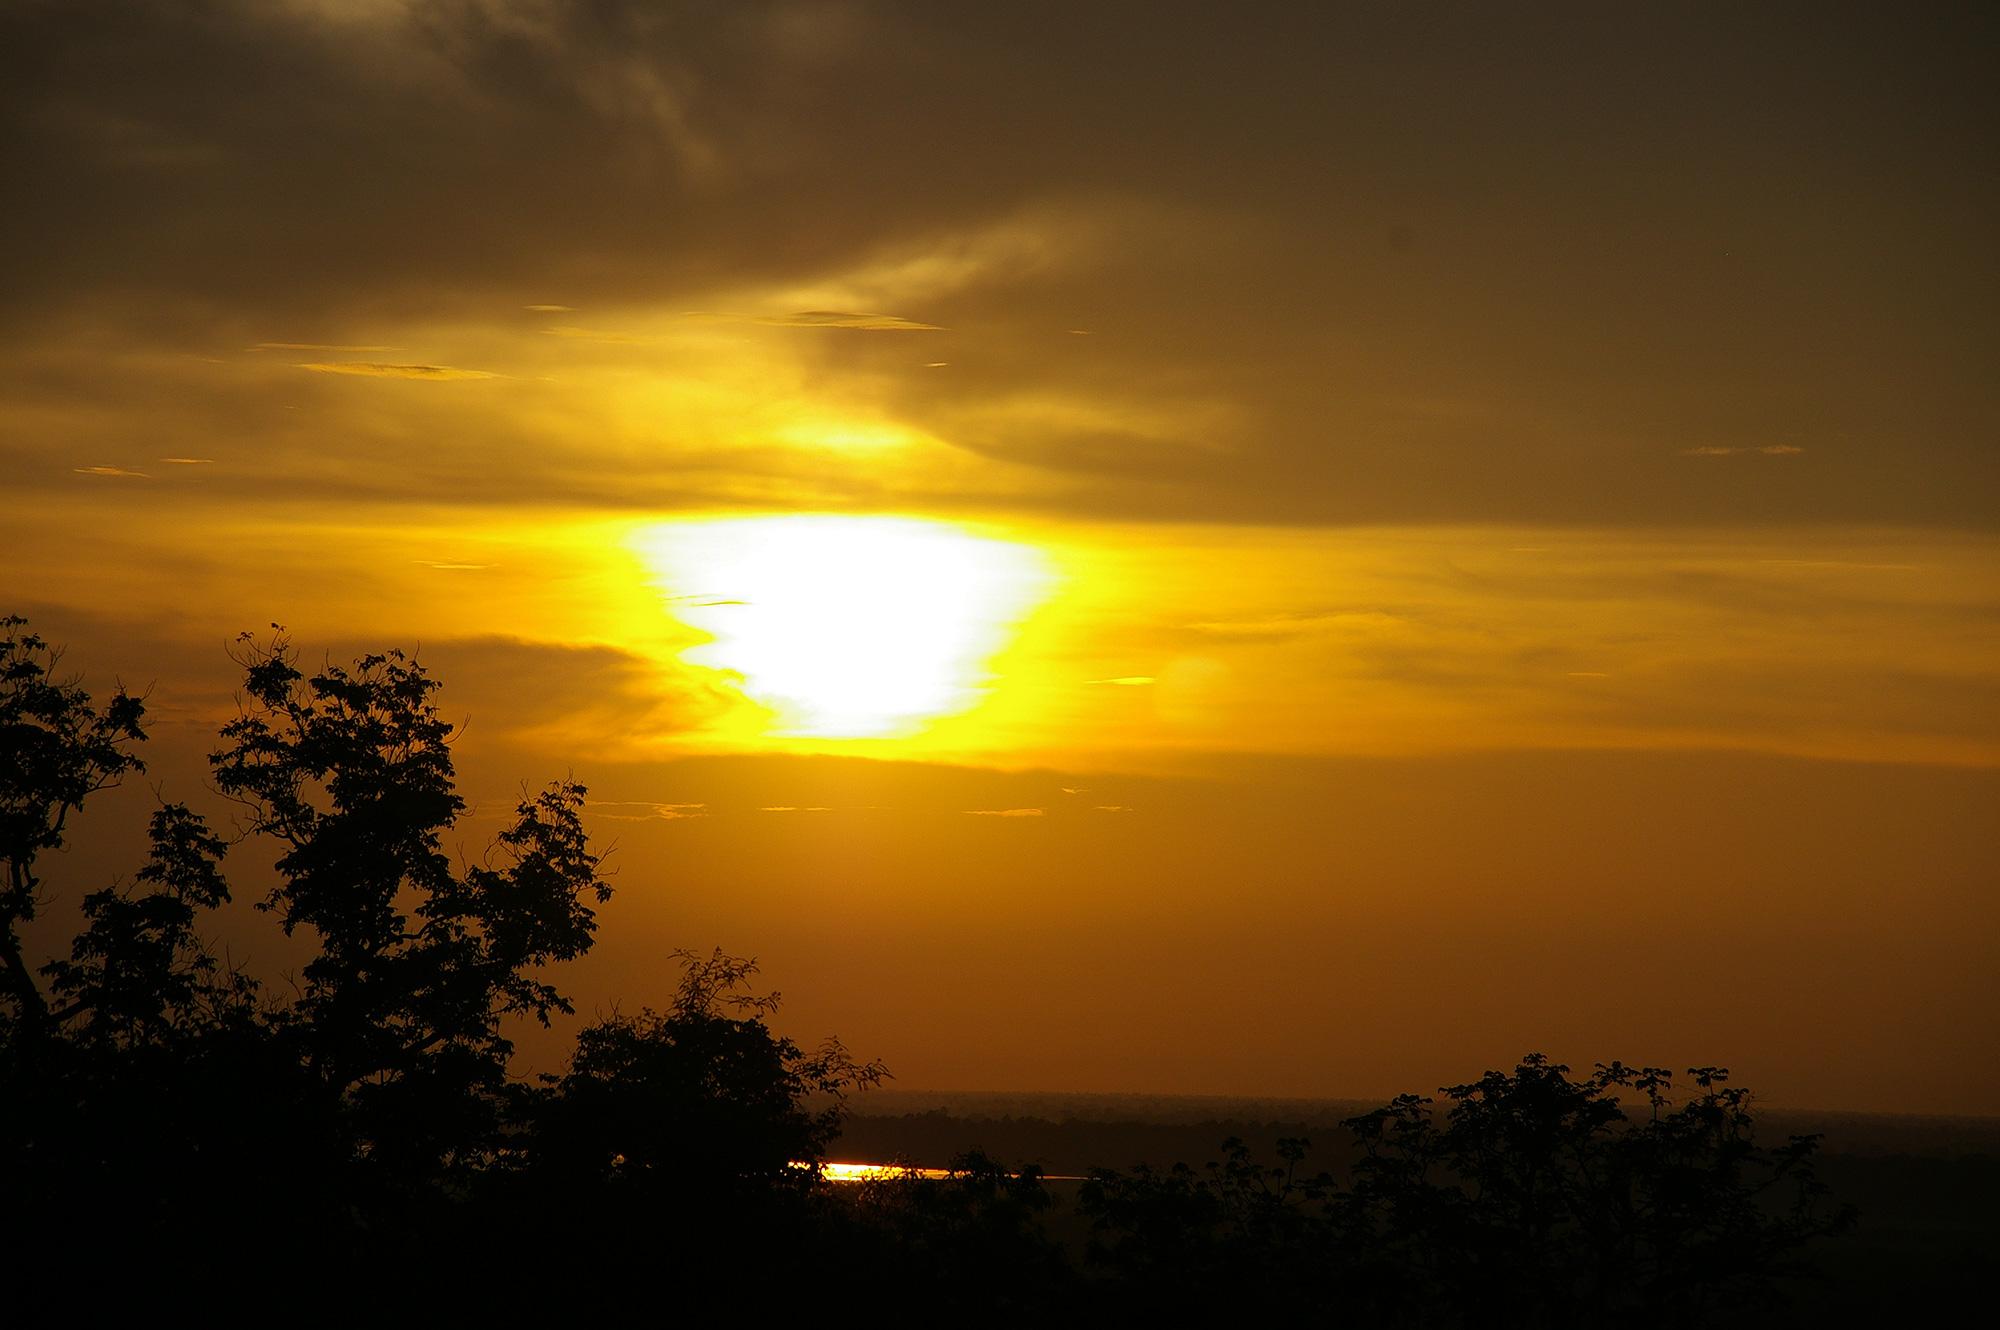 滲む夕日の写真素材(無料)